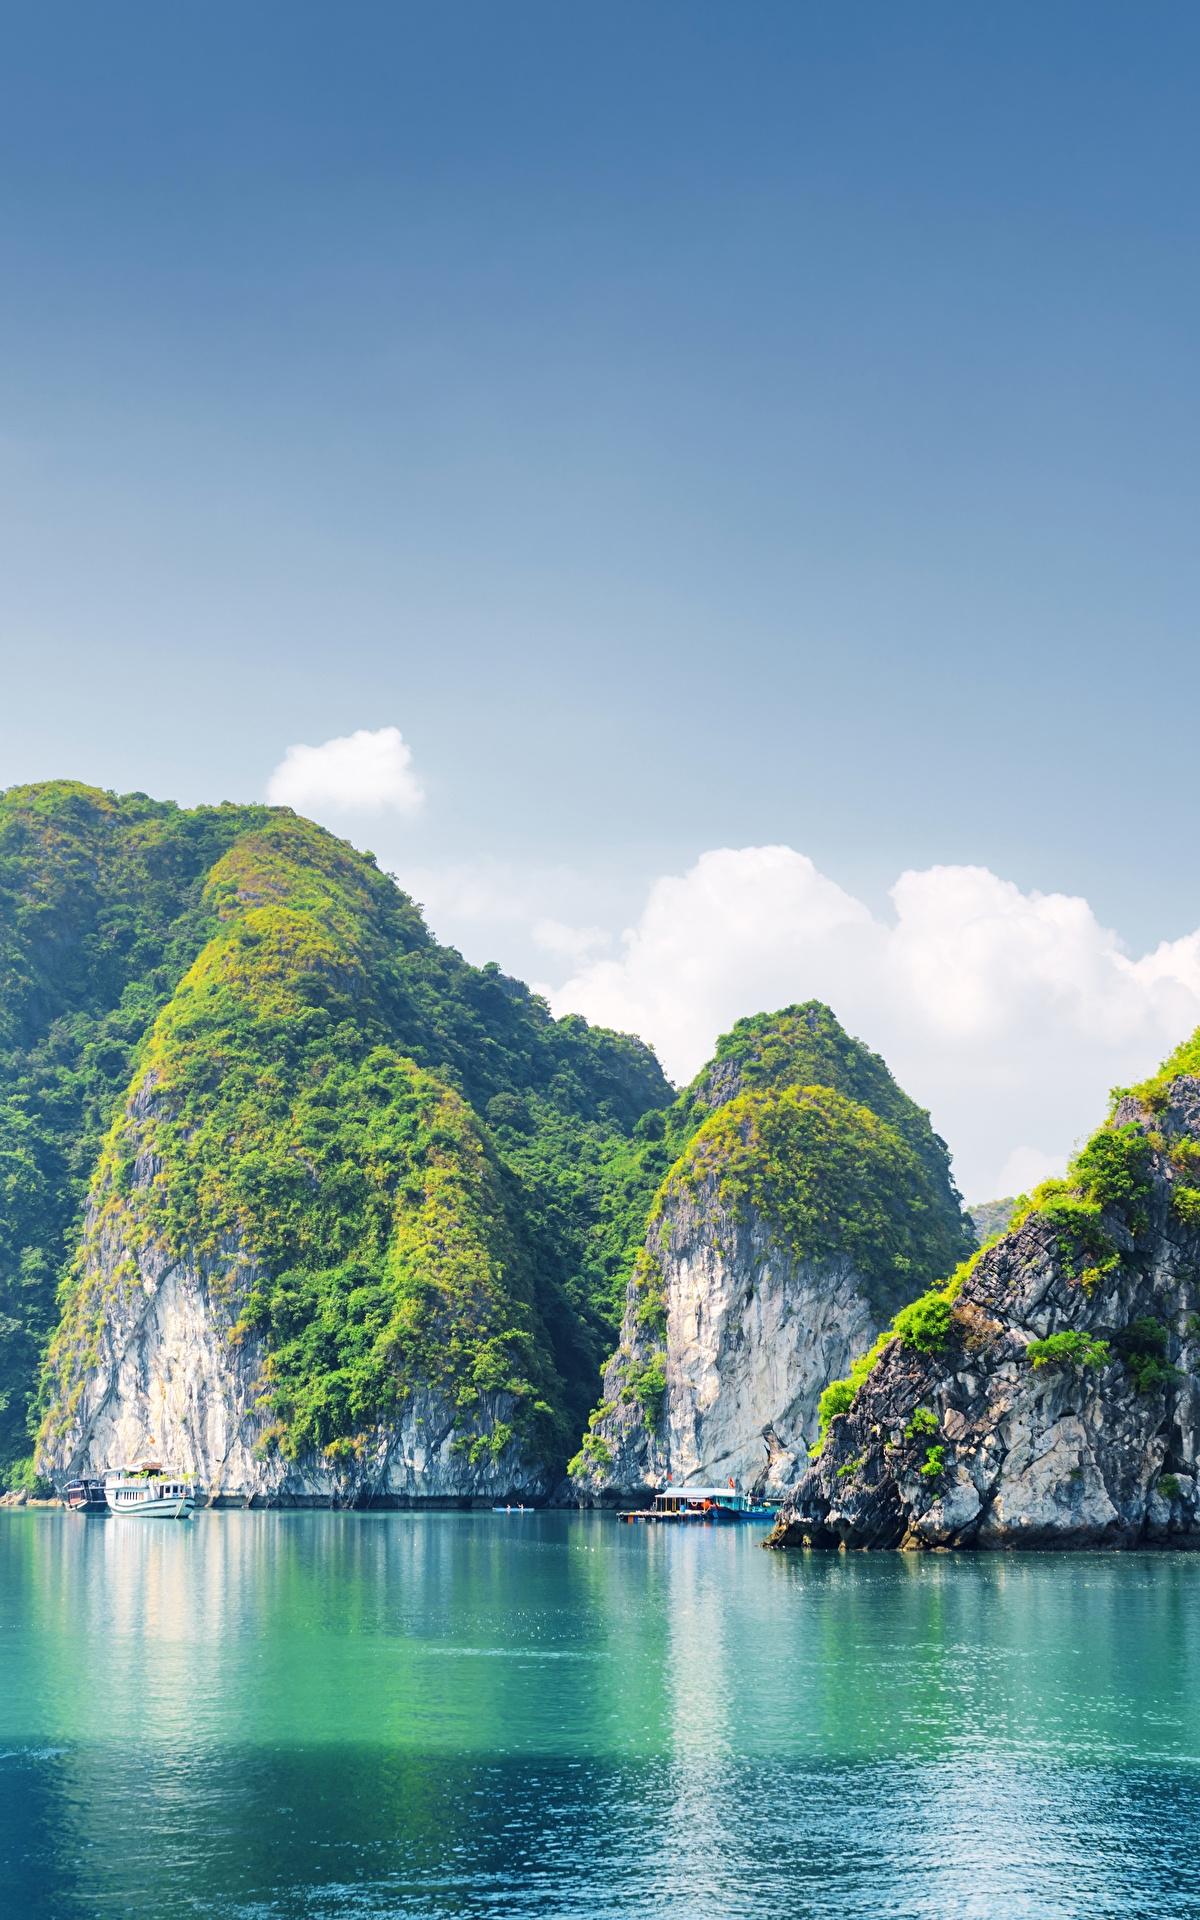 Вьетнам обои на рабочий стол   скачать (2)